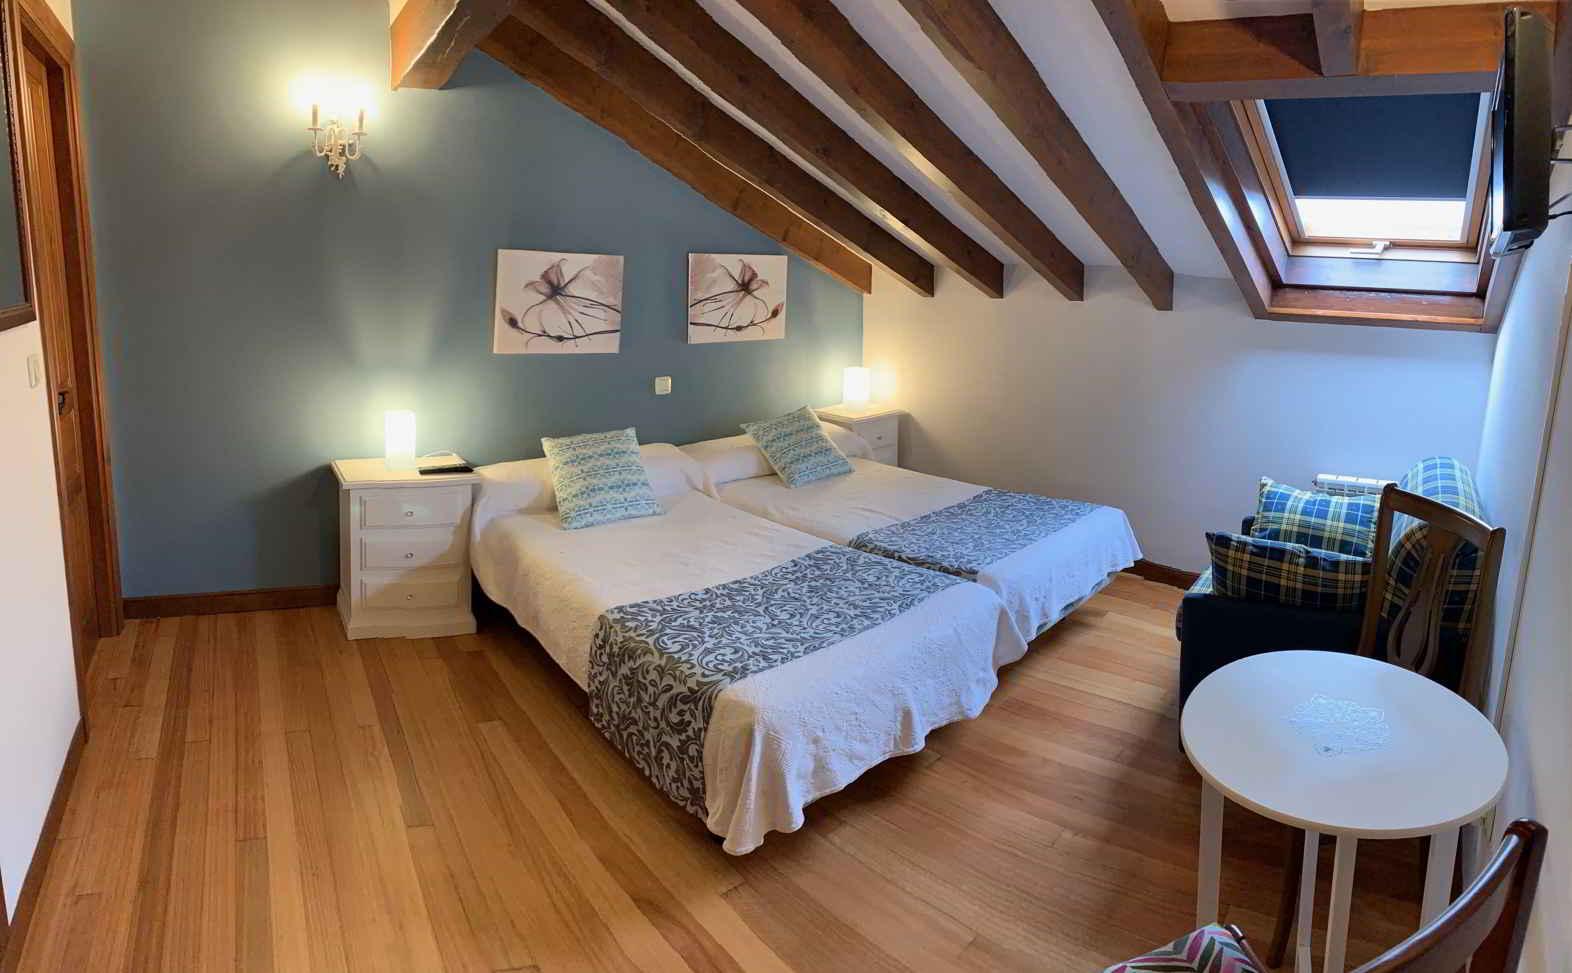 hotel_casa rural_cantabria_grupos grandes_mascotas_san vicente de la barquera_comillas_llanes (2)